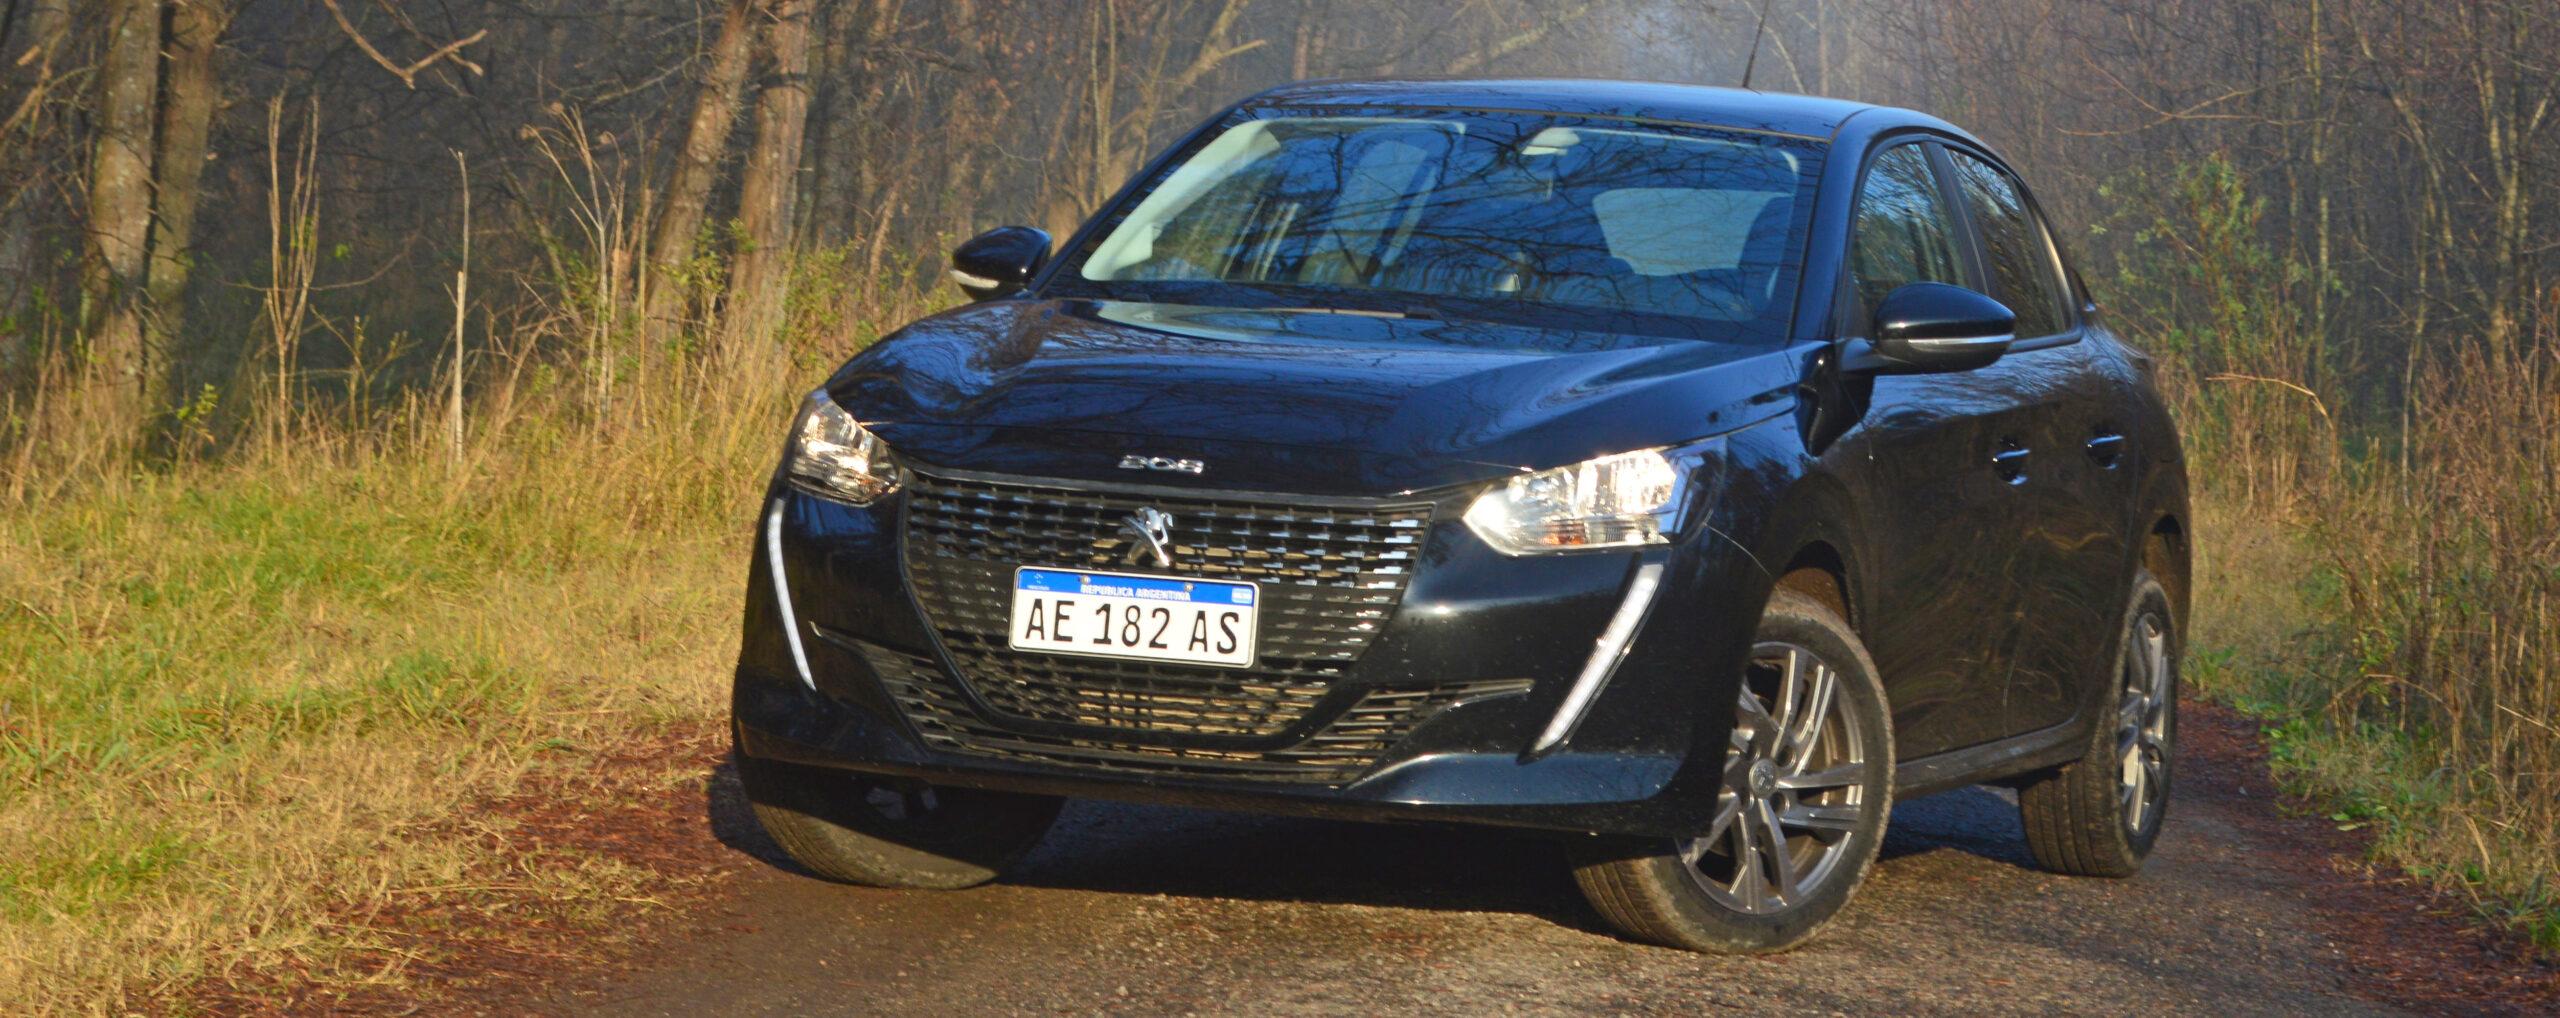 Test Peugeot 208 1.6 Allure MT: Buena ecuación